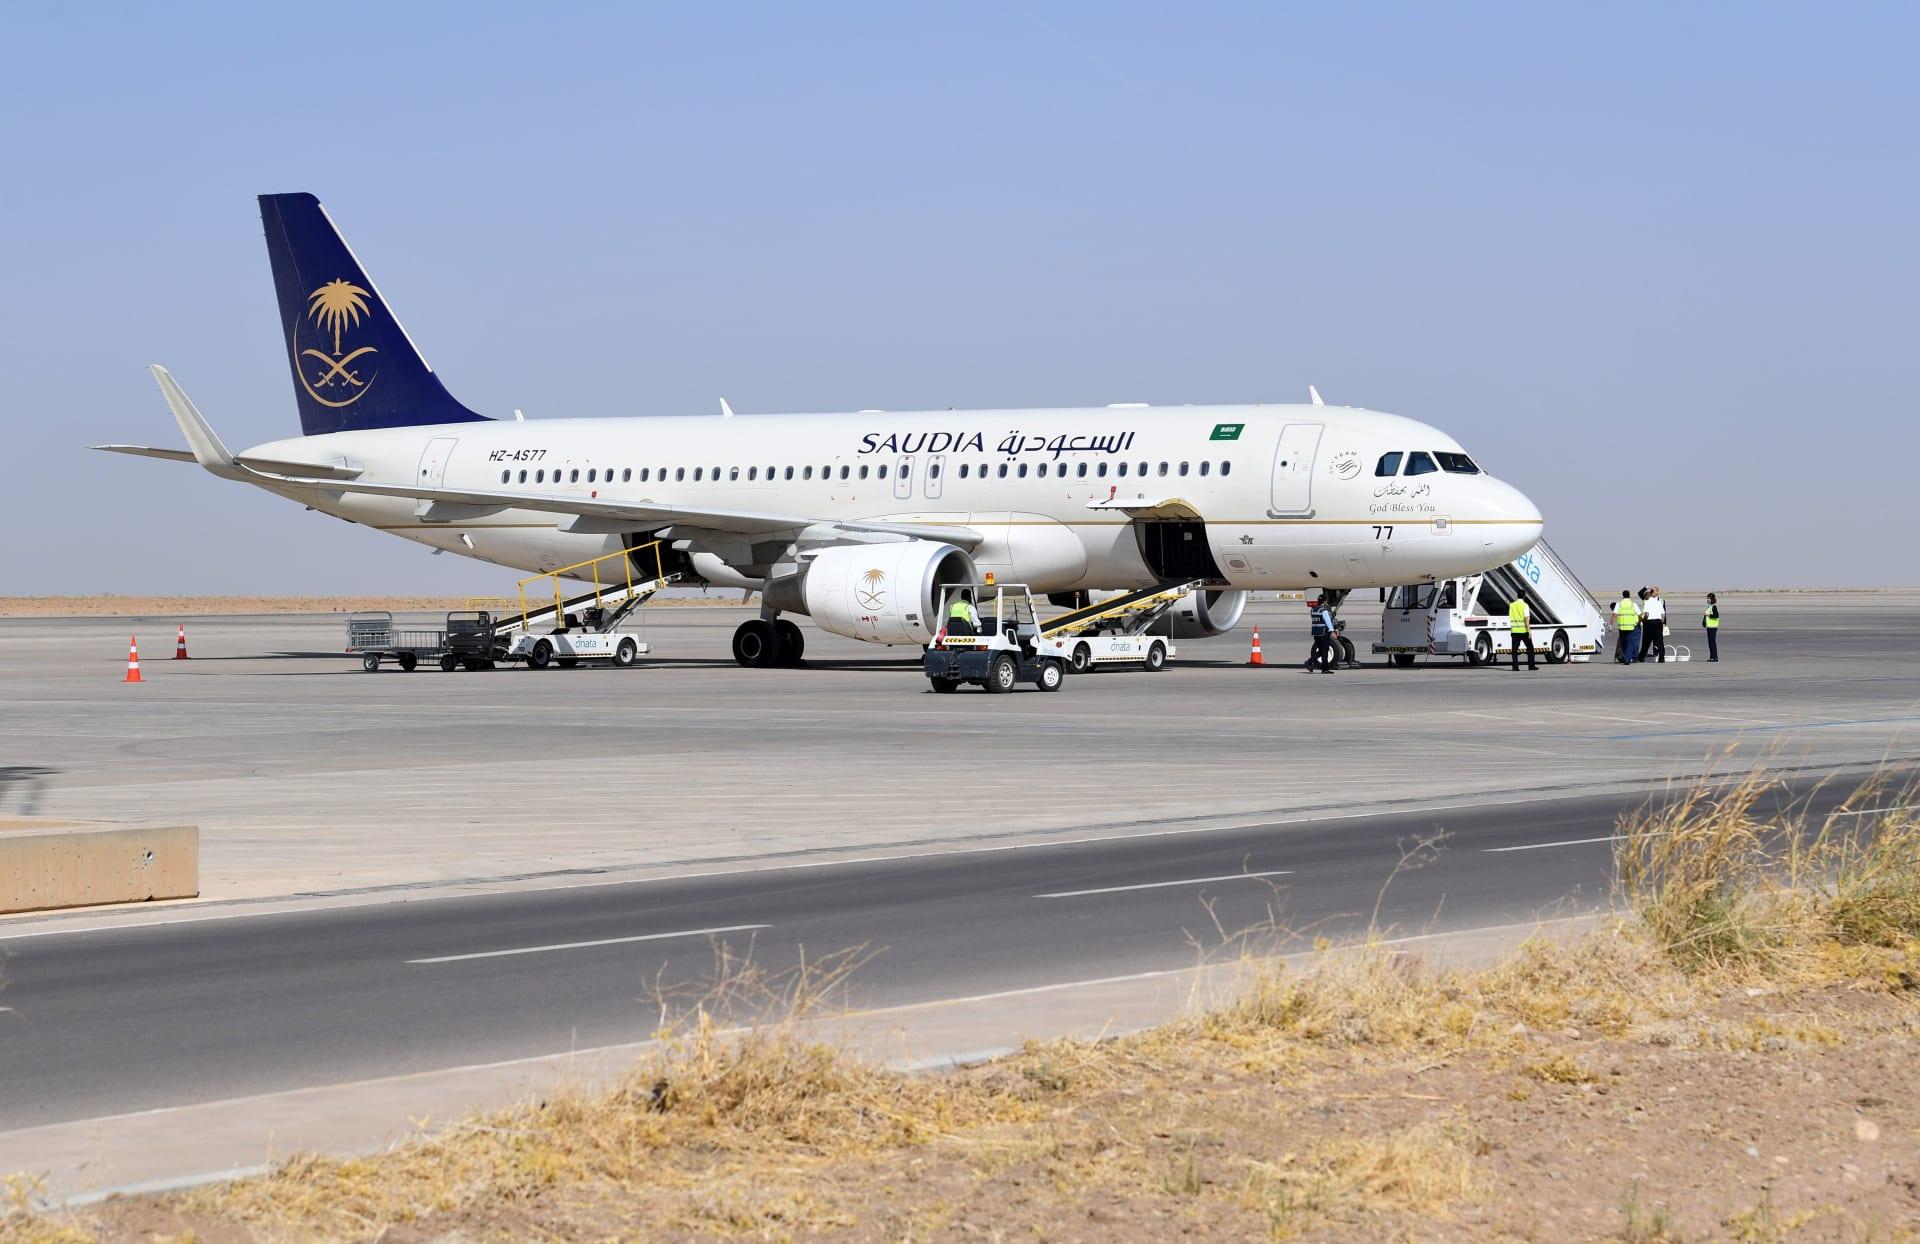 الخطوط السعودية تعلن استئناف رحلاتها إلى قطر